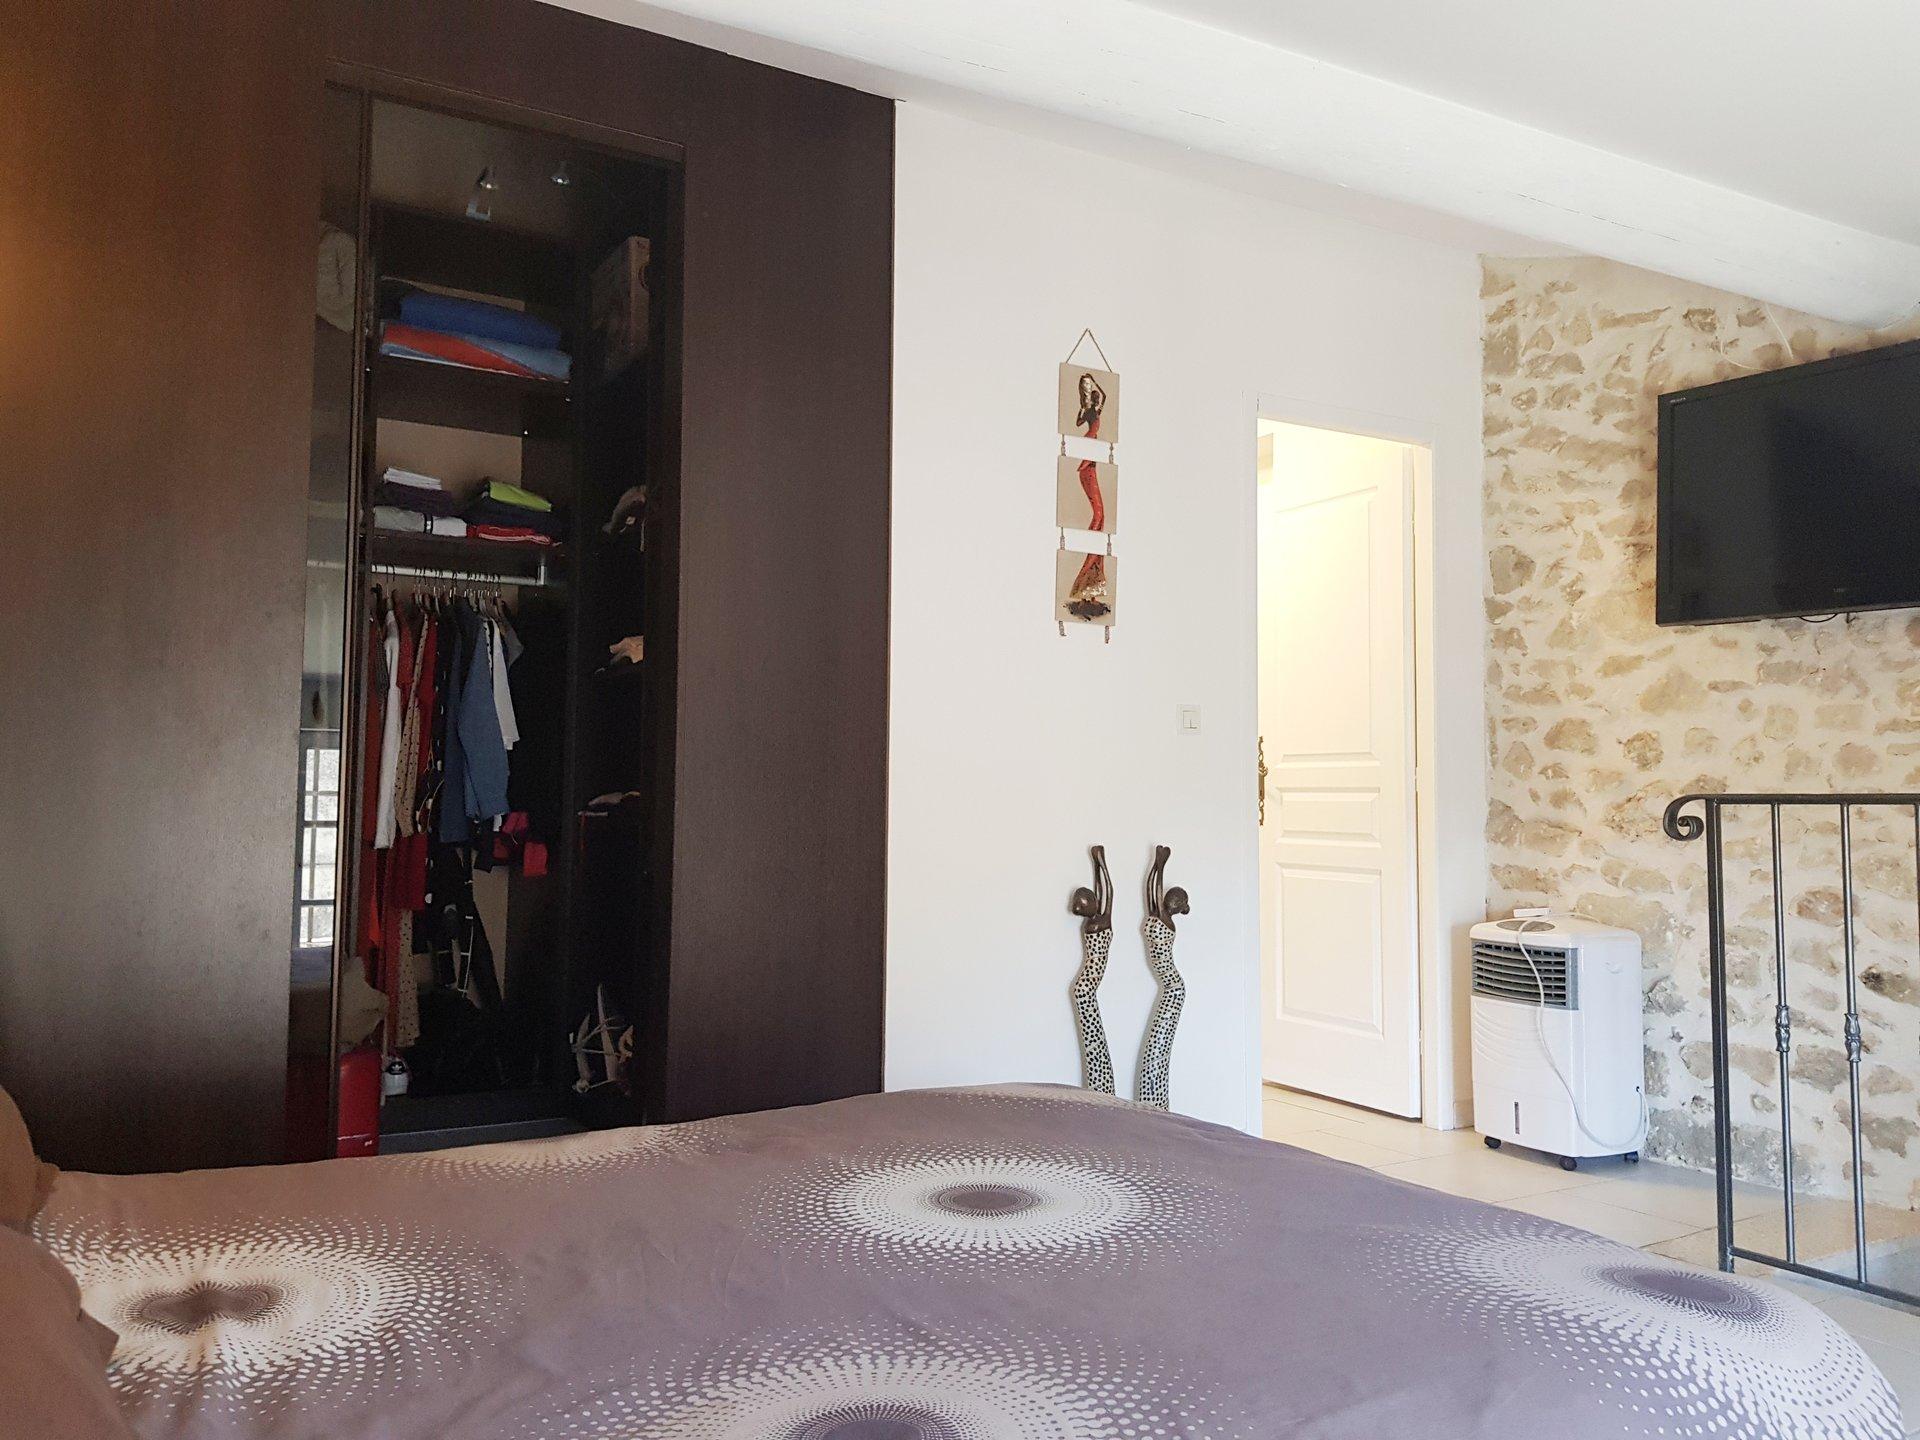 EXCLUSIVITE MALLEMORT Maison de village